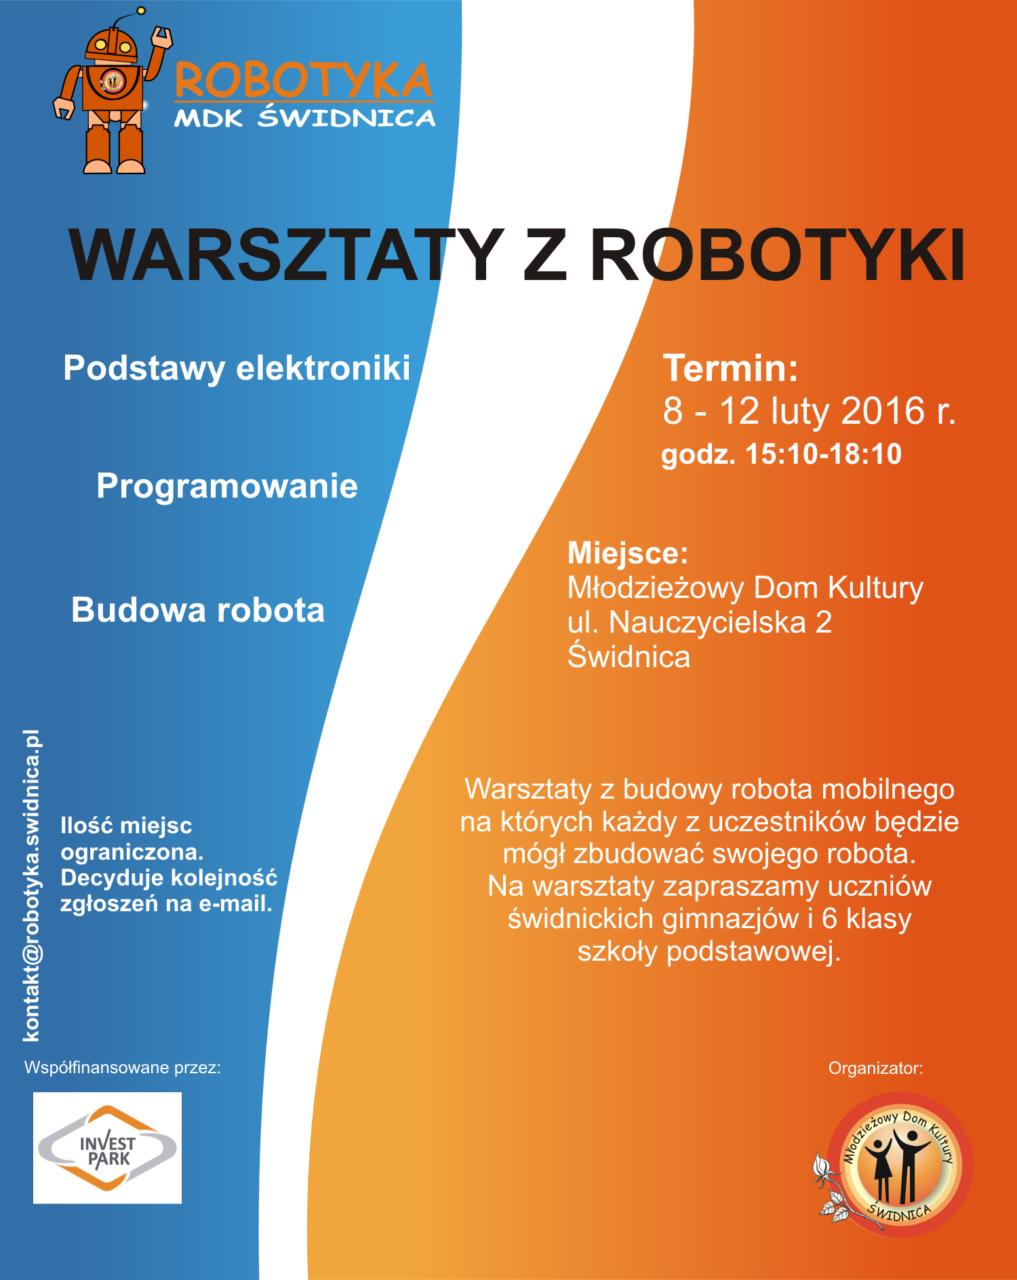 Warsztaty Robotyka